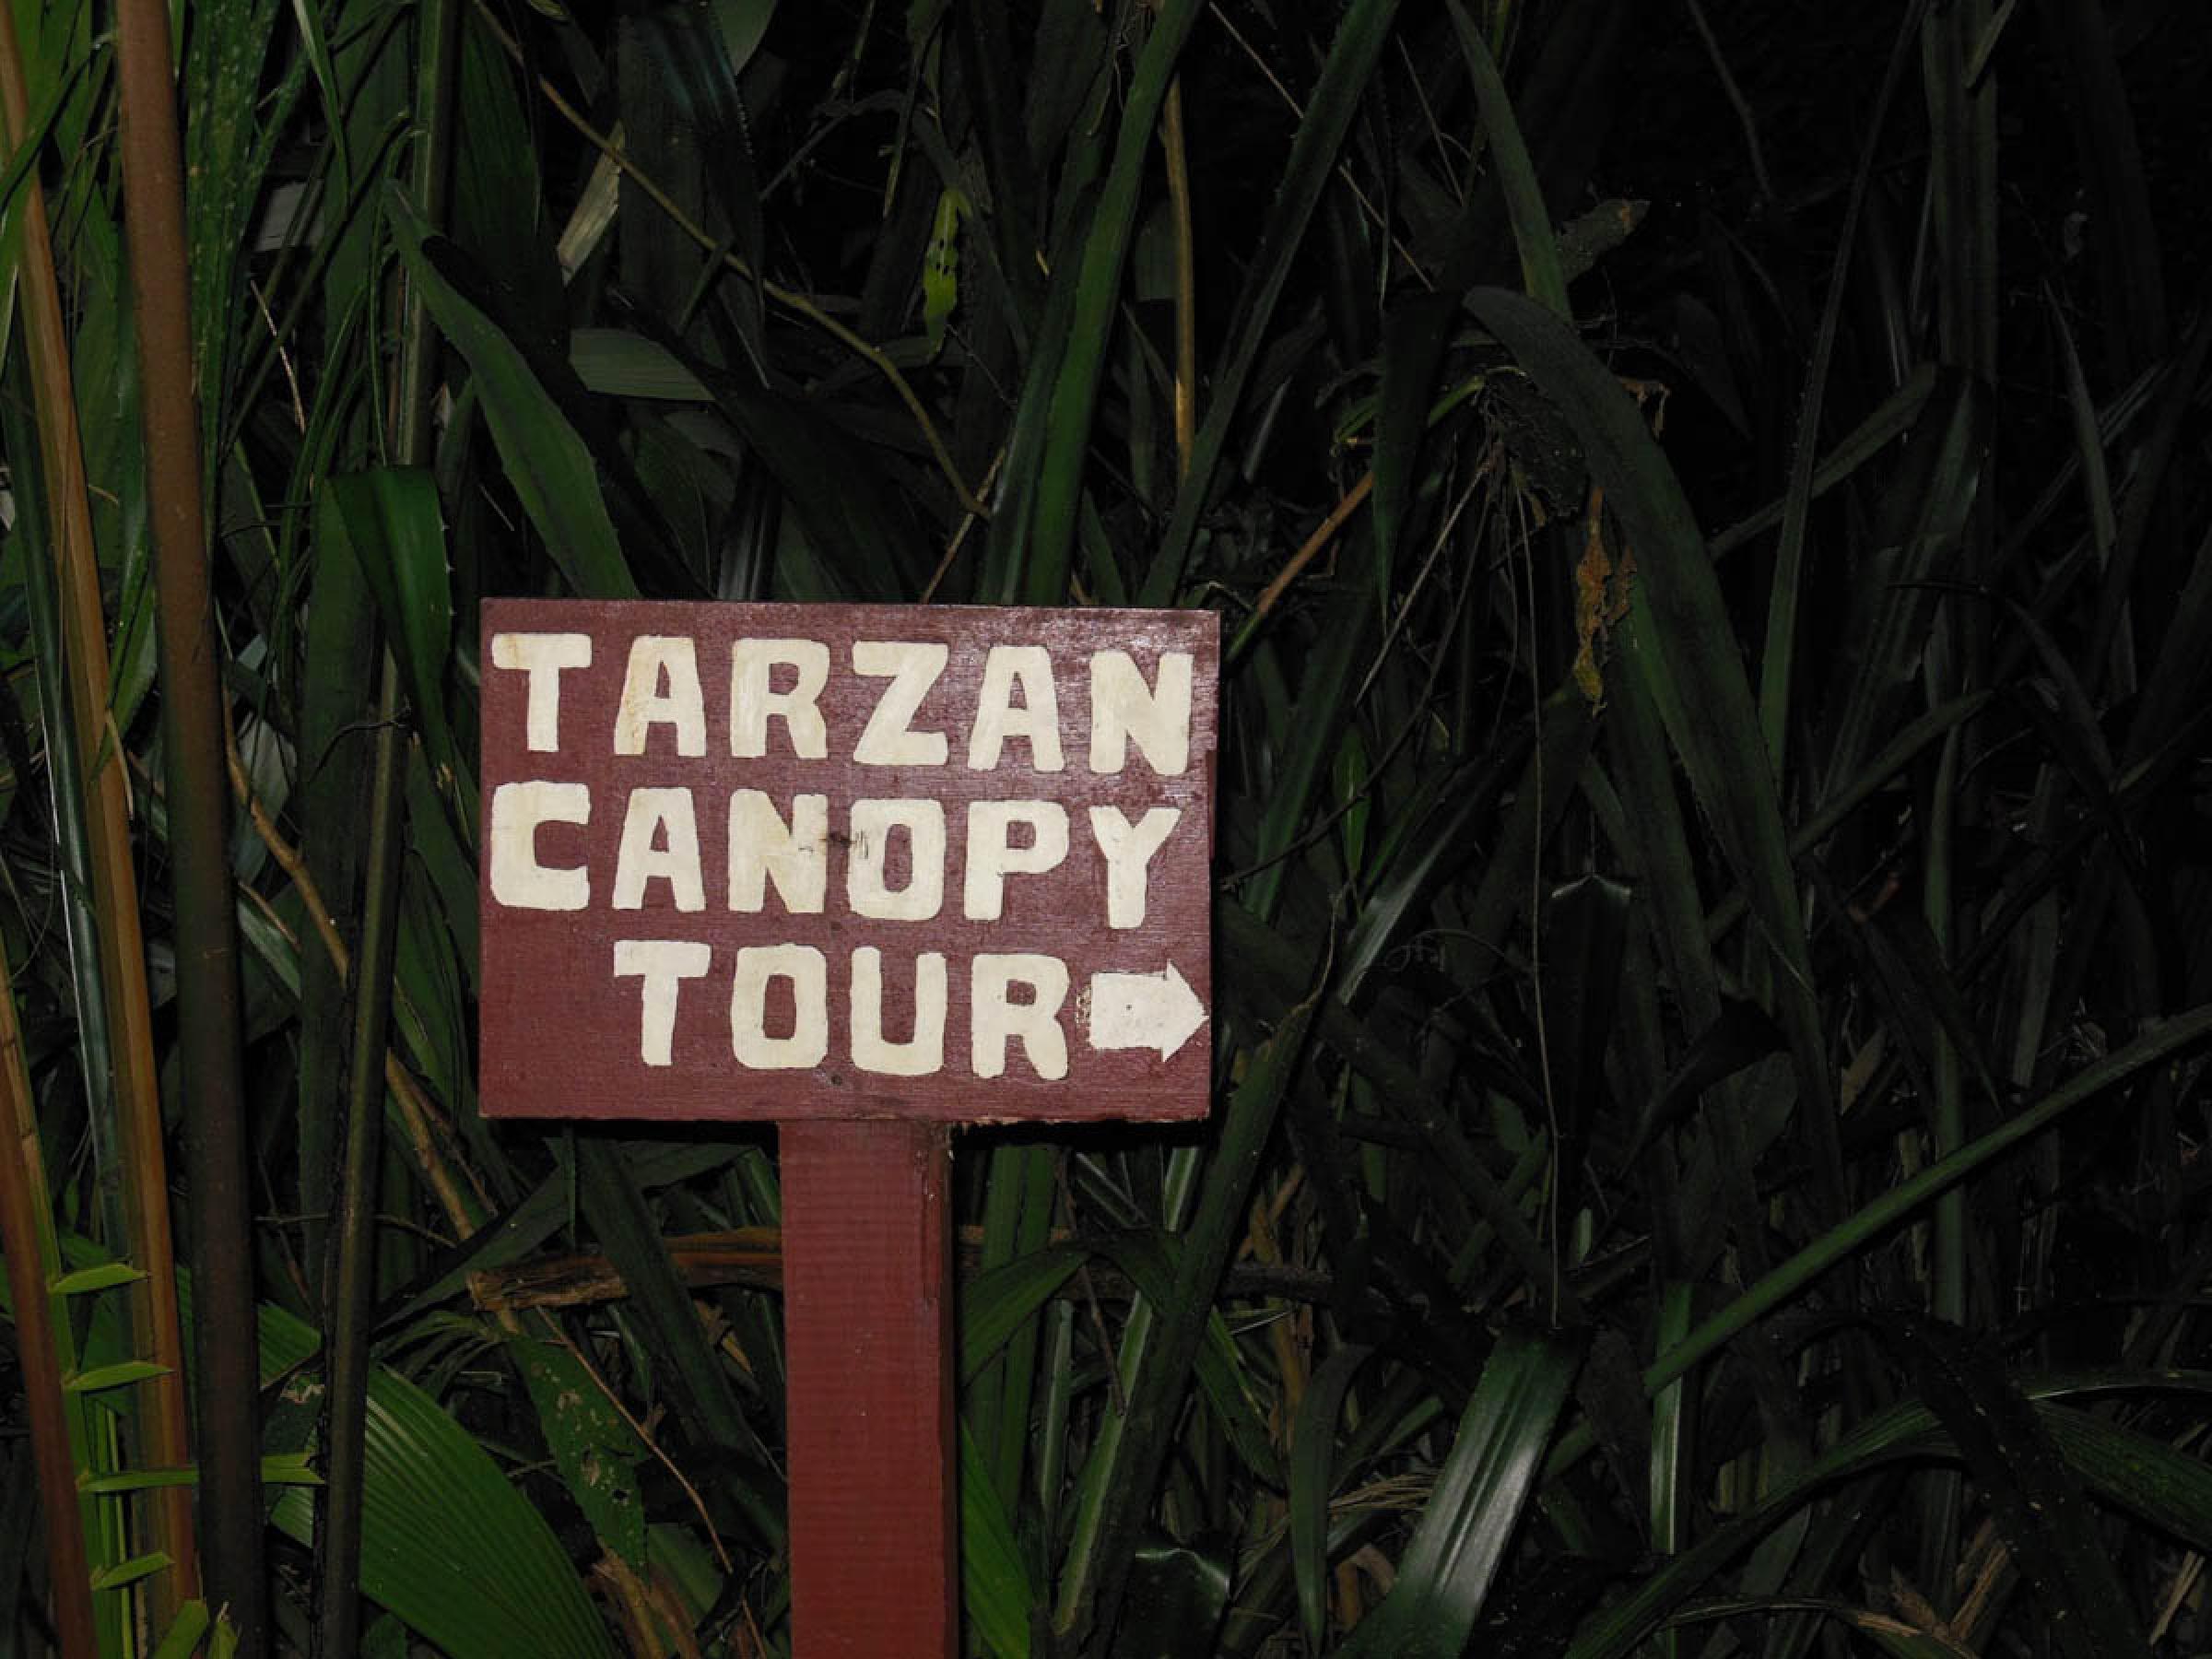 Canopy Tour Tarzán